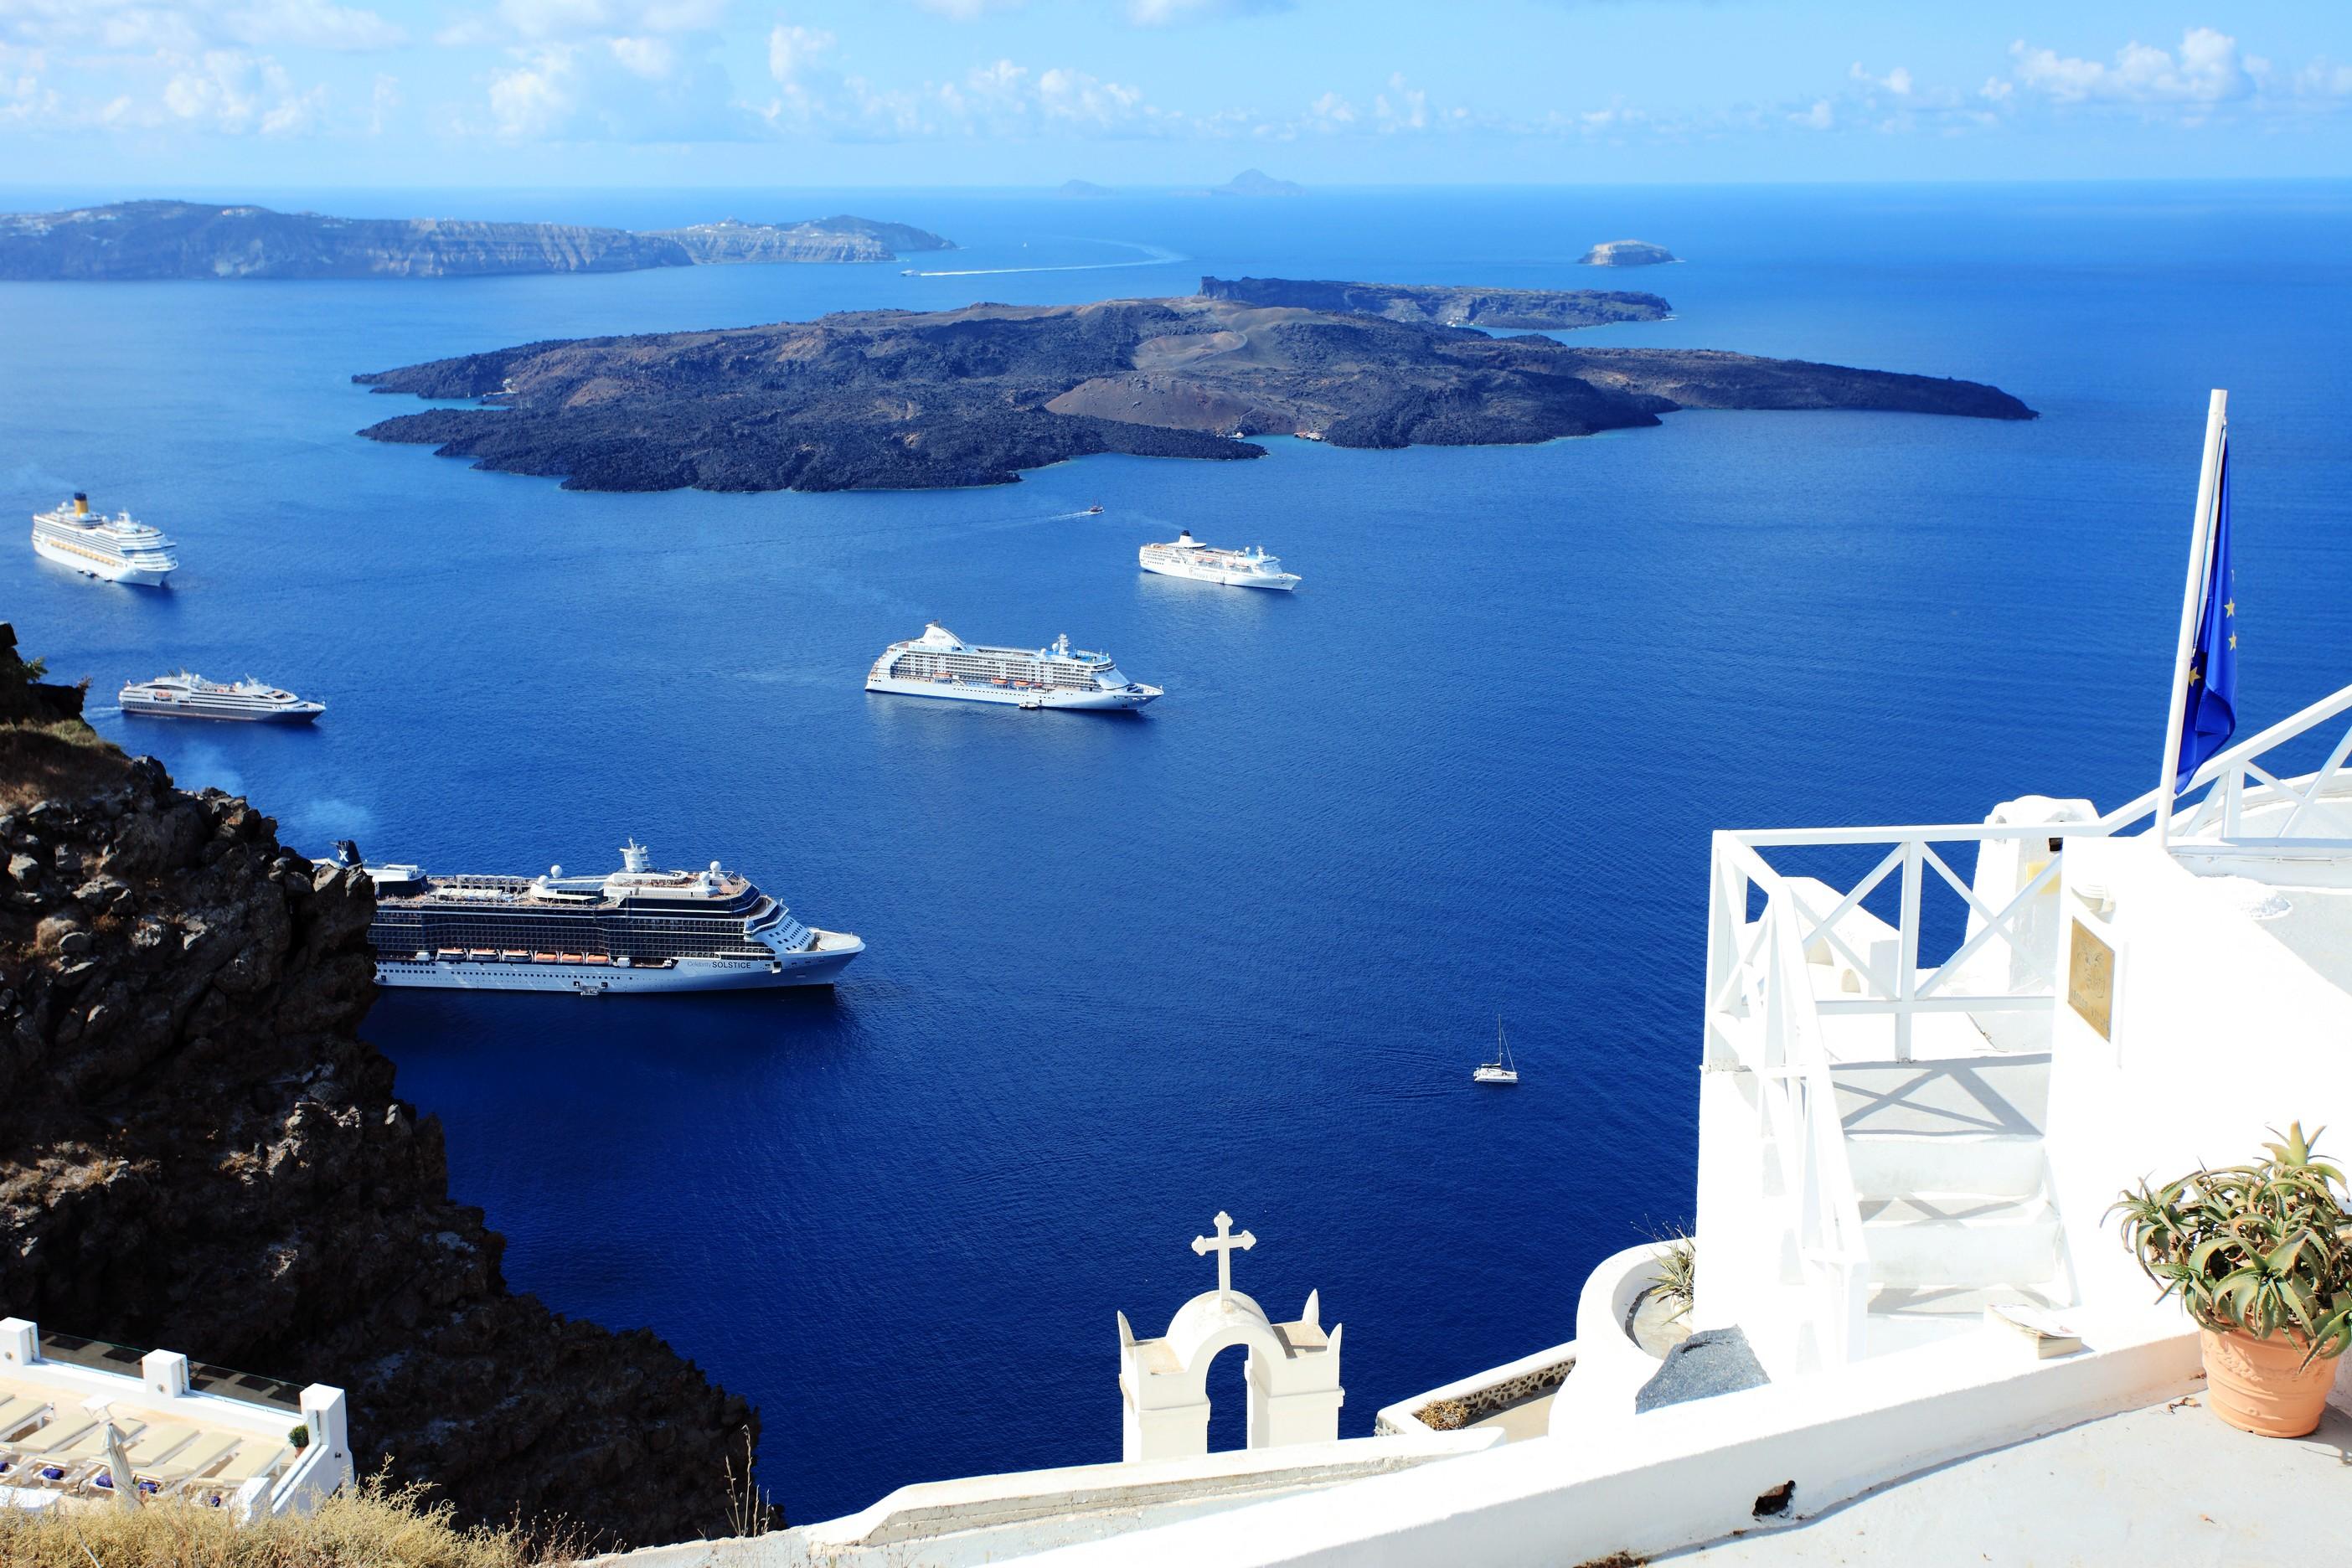 爱琴海ppt背景图片下载